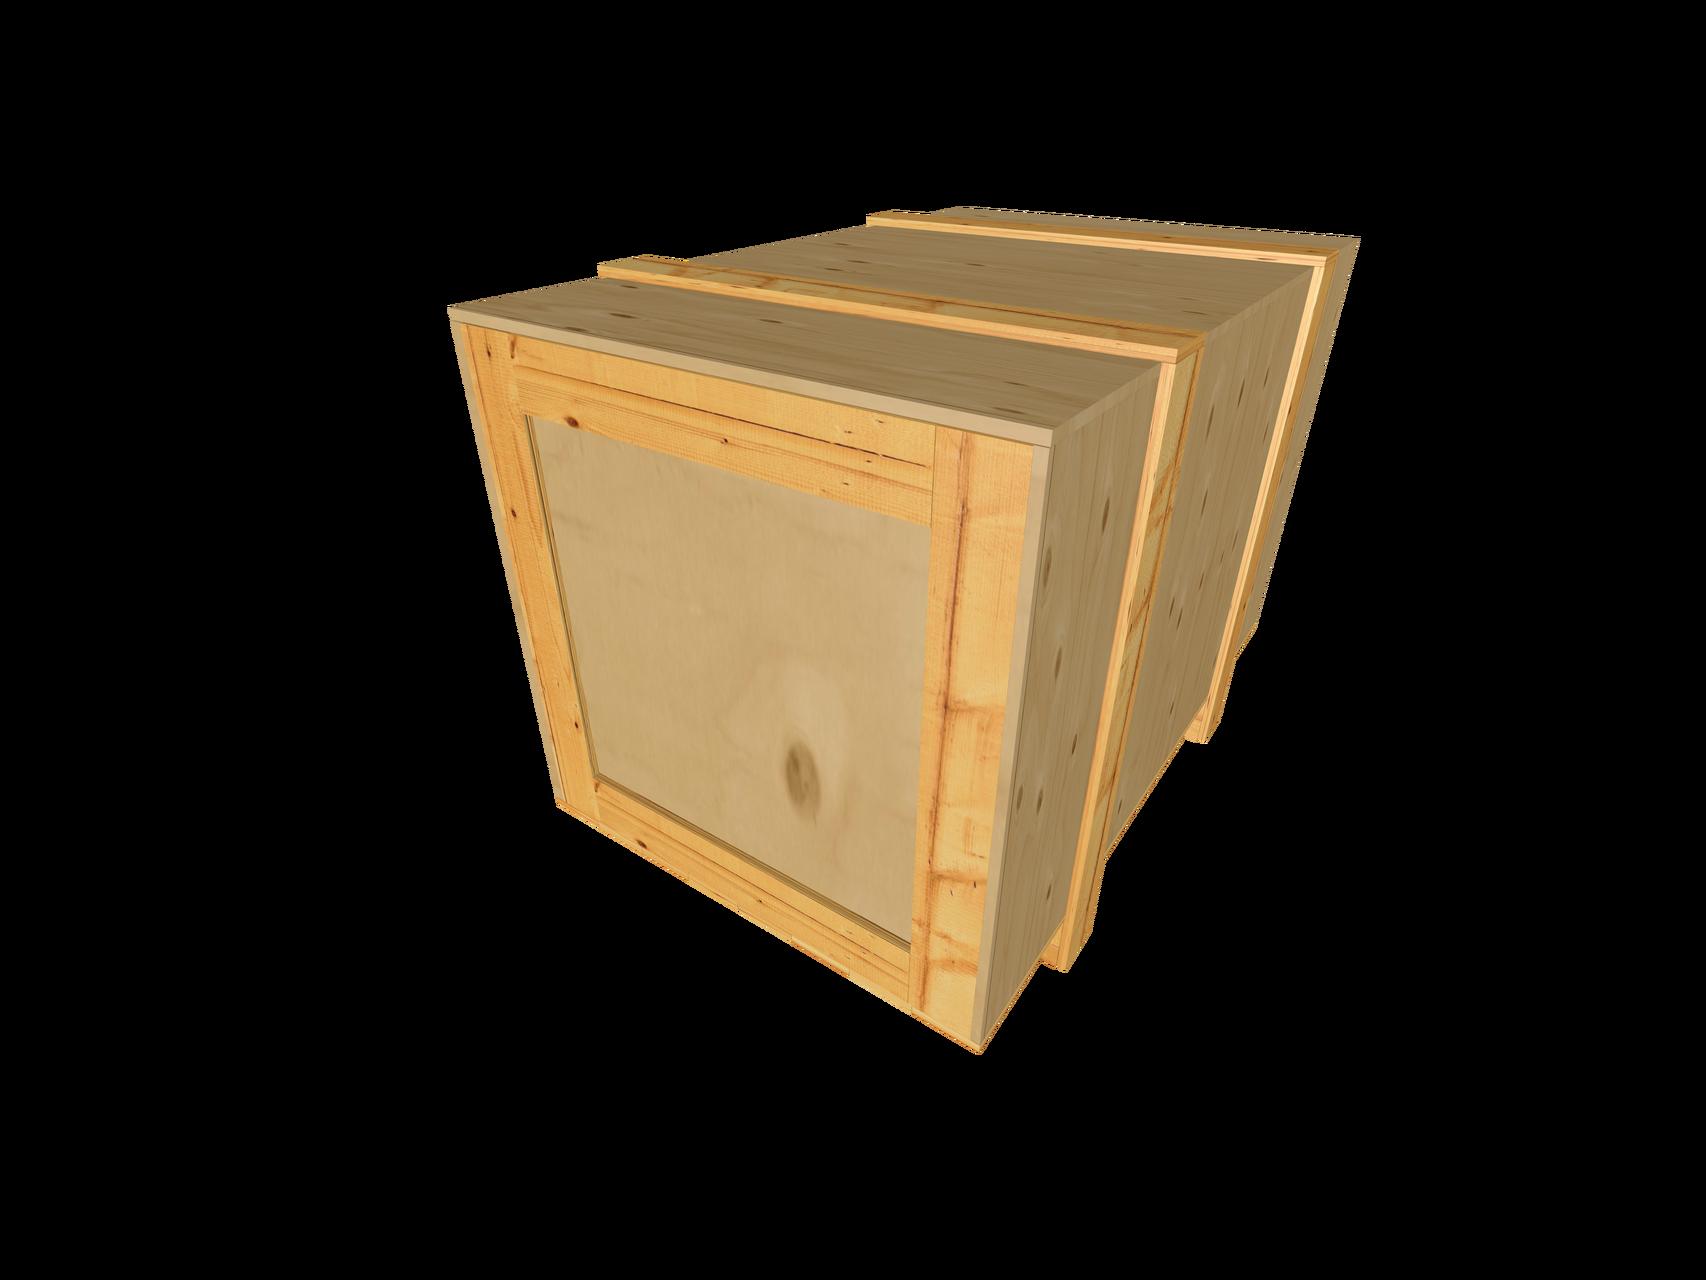 A4 Sperrholz-Kopfkranzkiste mit Kopf-, Seiten- u. Deckelbeleistung